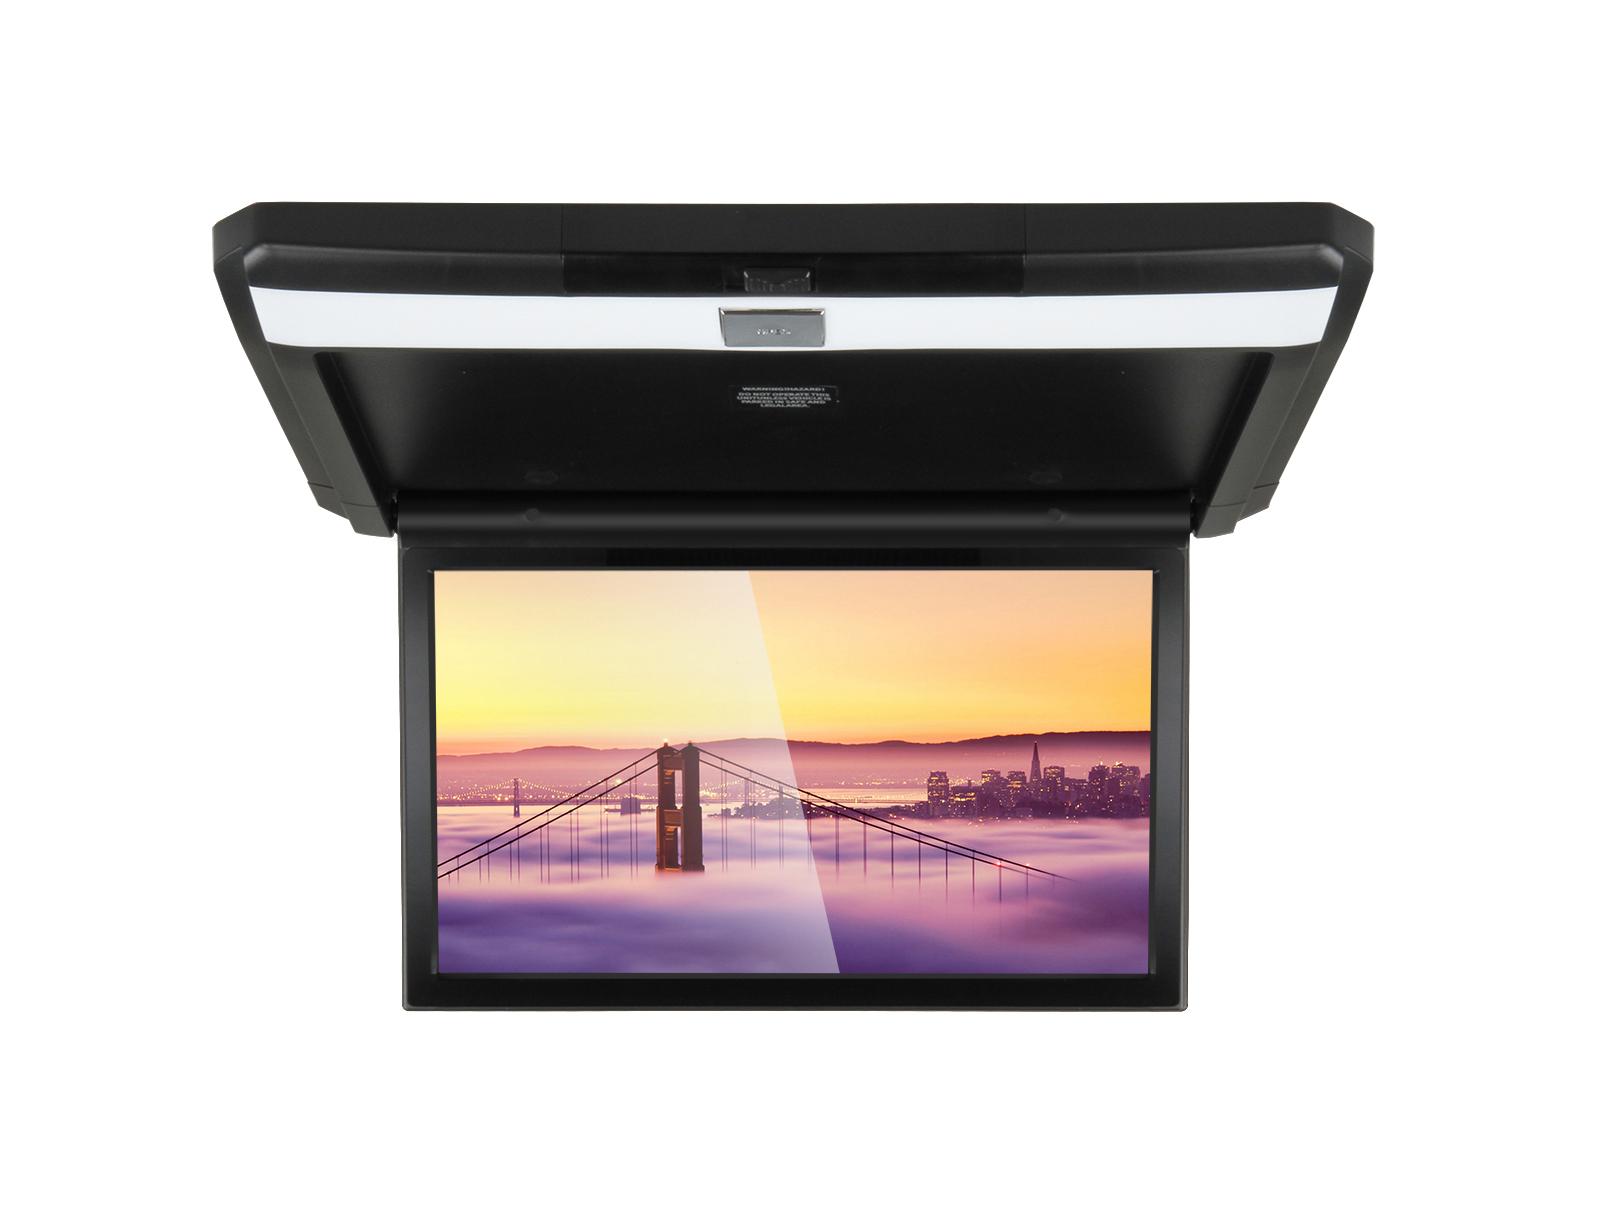 Фото - Автомобильный потолочный монитор 13.3 с медиаплеером FarCar-Z004 (черный) (+ Салфетки из микрофибры в подарок) монитор